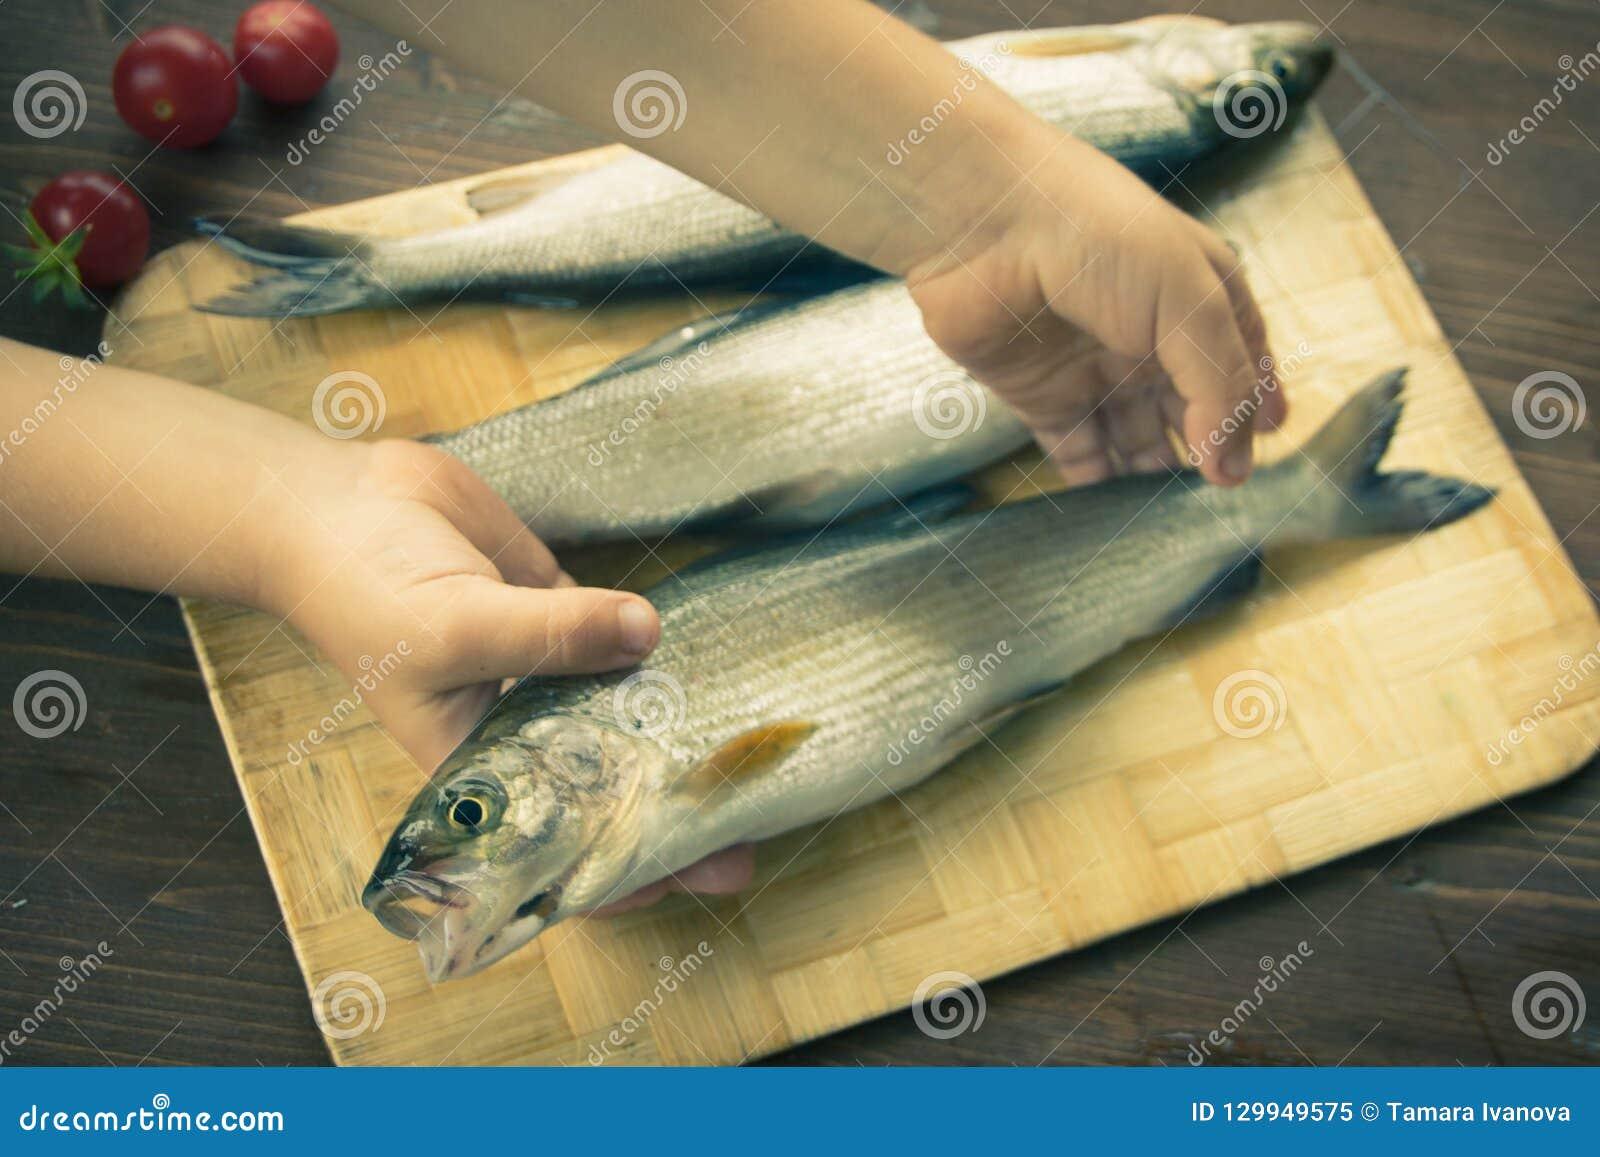 El niño pone pescados frescos en la tabla Pescados frescos